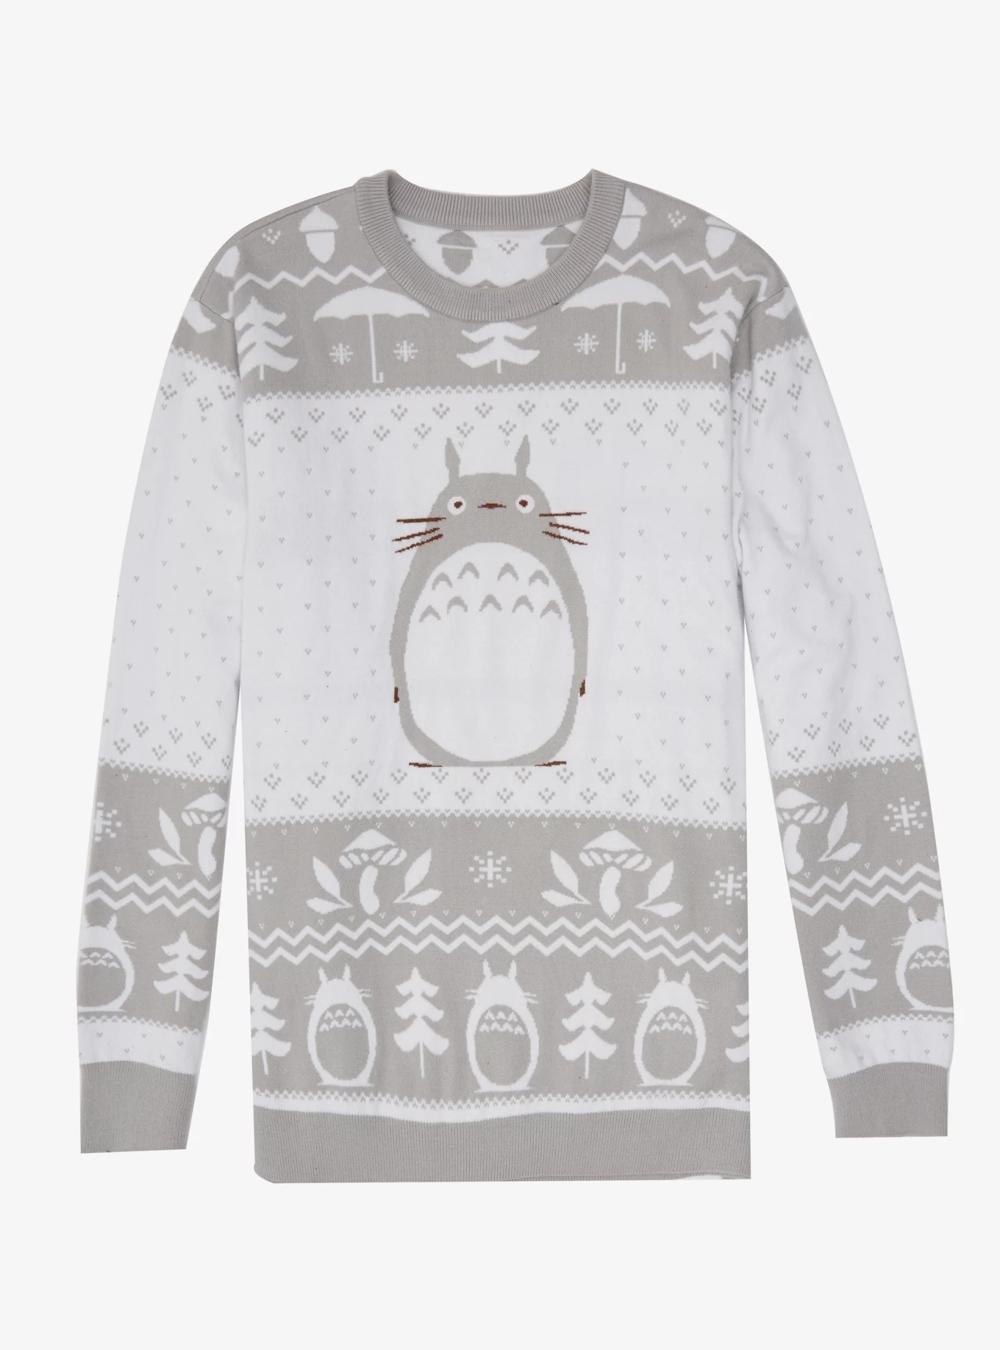 Totoro sweater